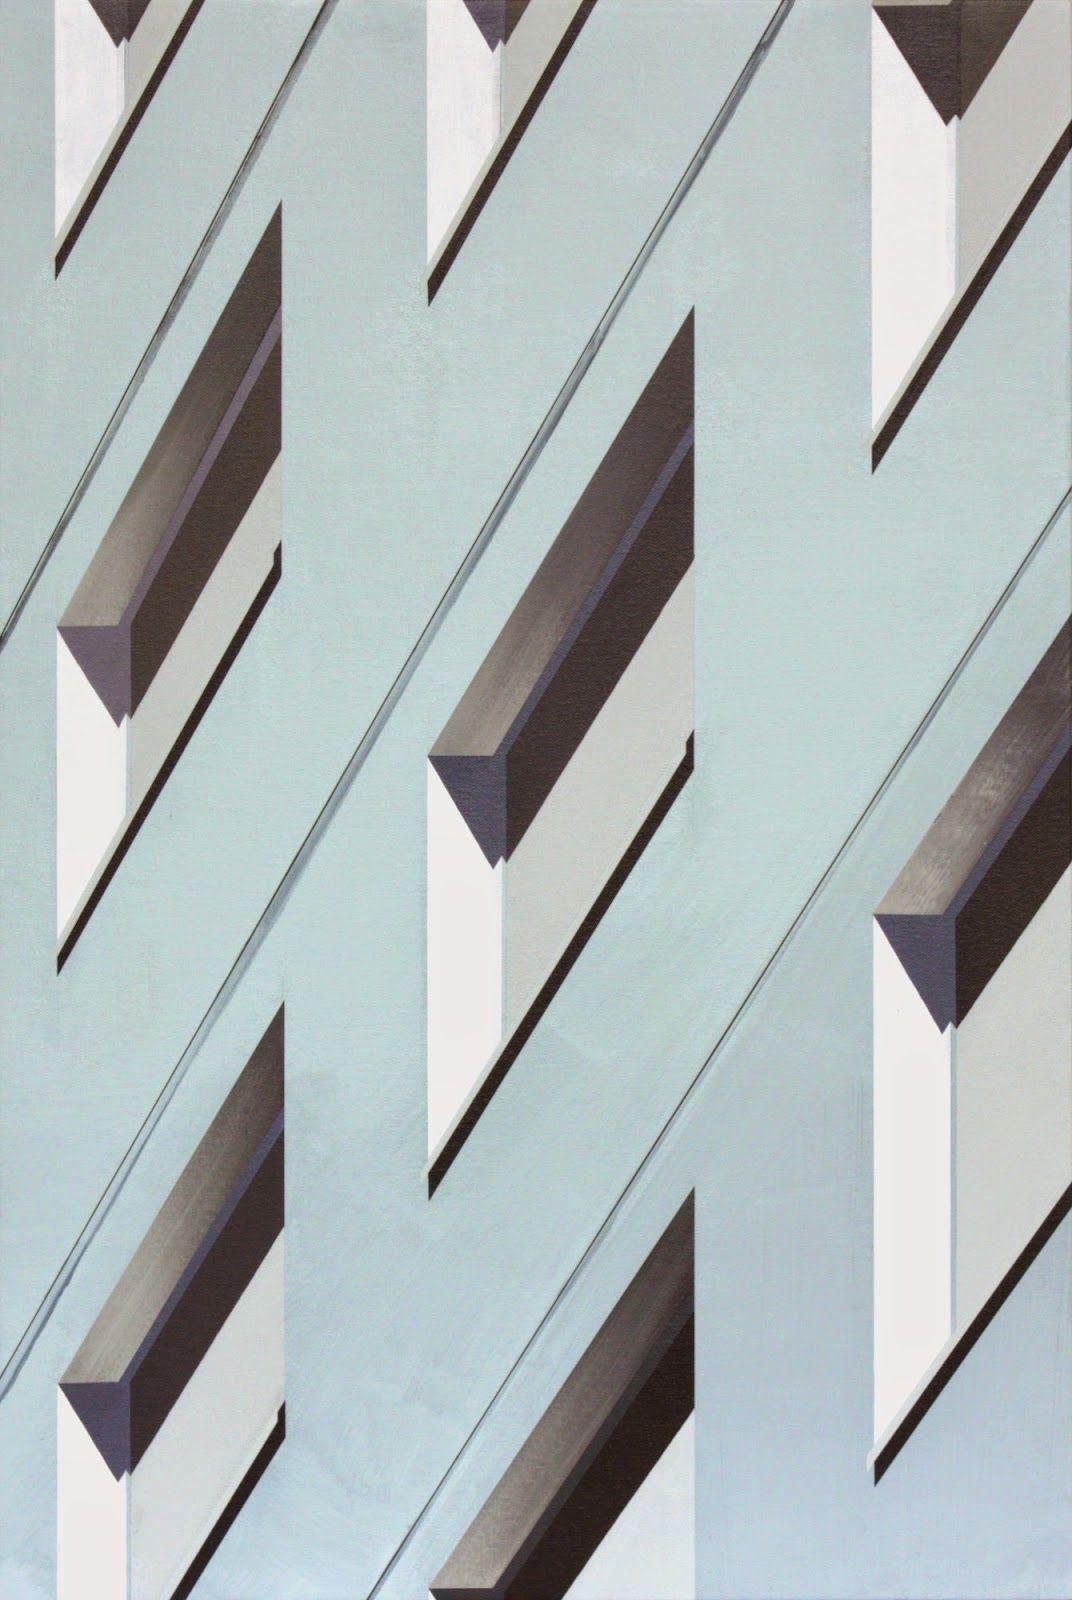 Häuserfassaden Modern heute gibt es ein paar häuserfassaden aber natürlich nicht